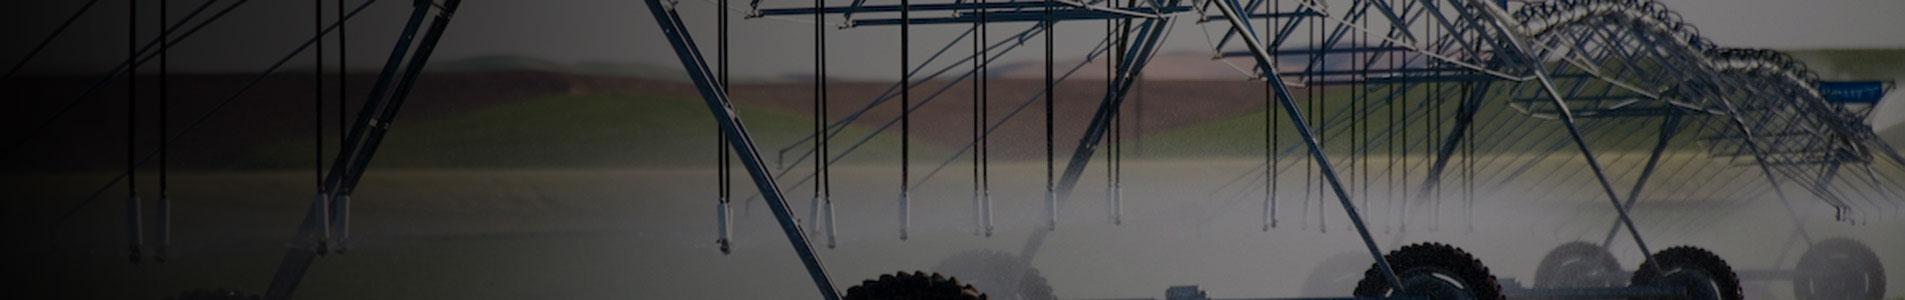 valley irrigation sprinklers